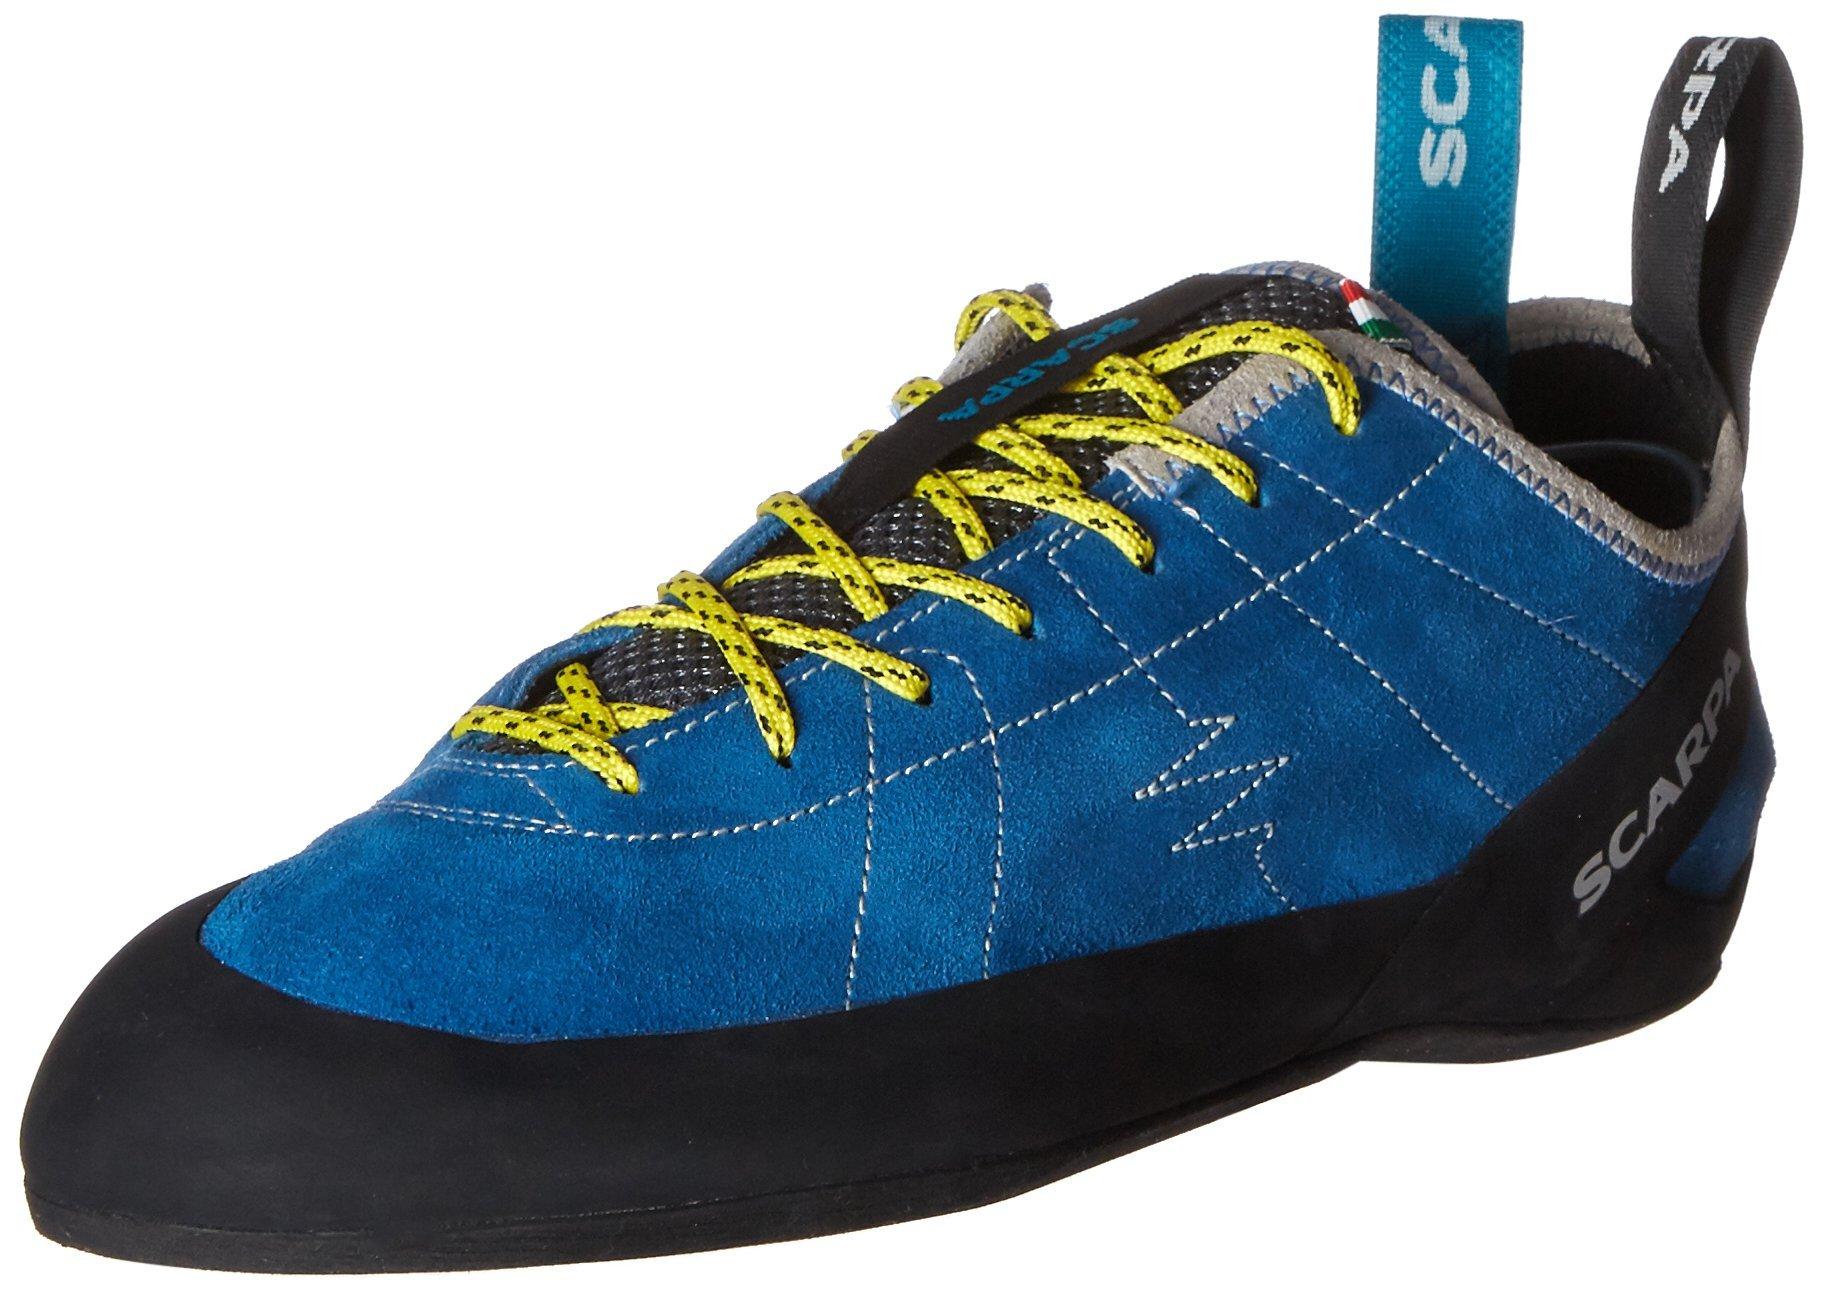 Scarpa Men's Helix Climbing Shoe, Hyper Blue, 43 EU/10 M US